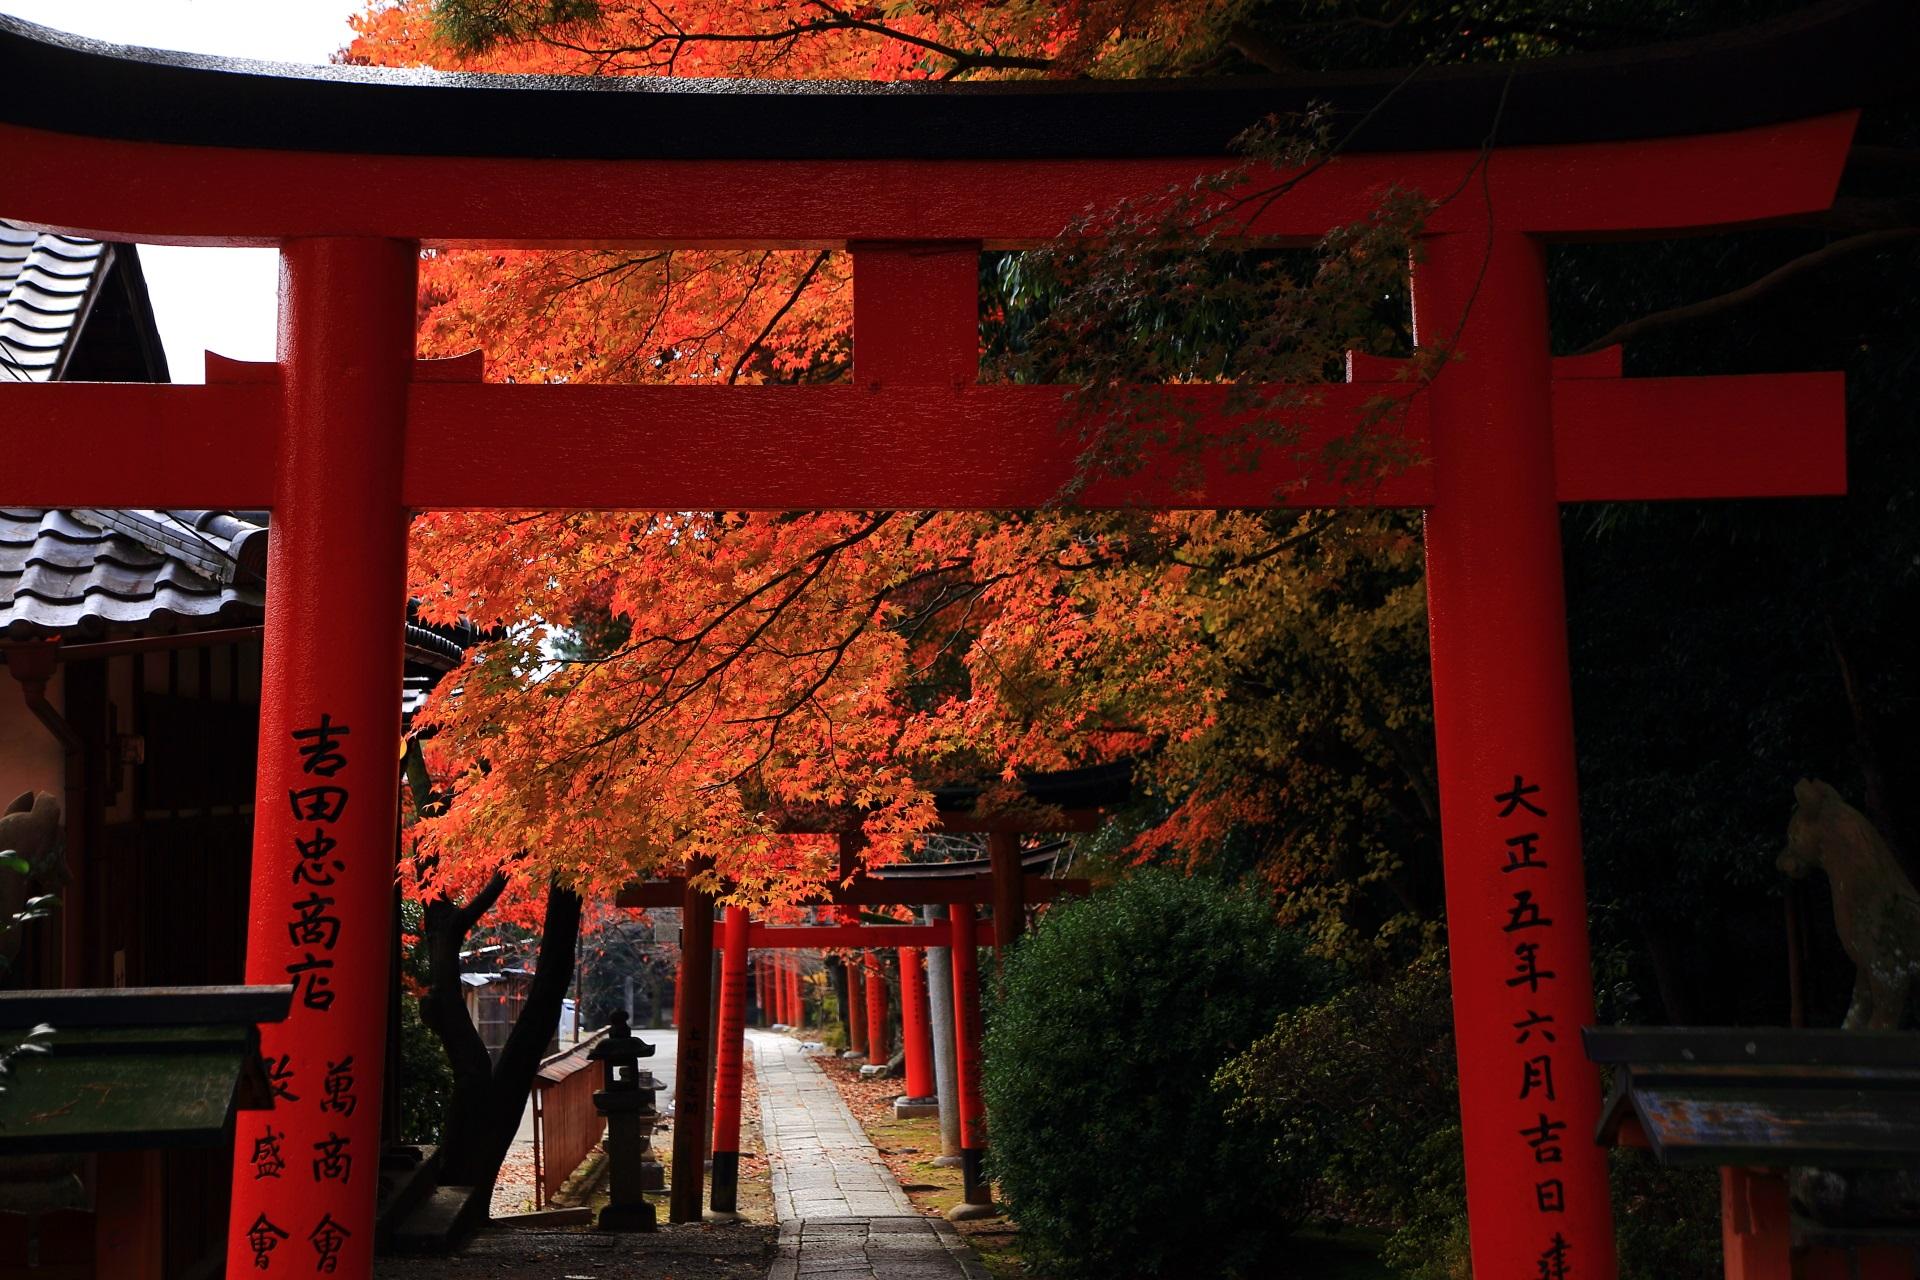 竹中稲荷神社の拝殿側から眺めた鳥居と紅葉